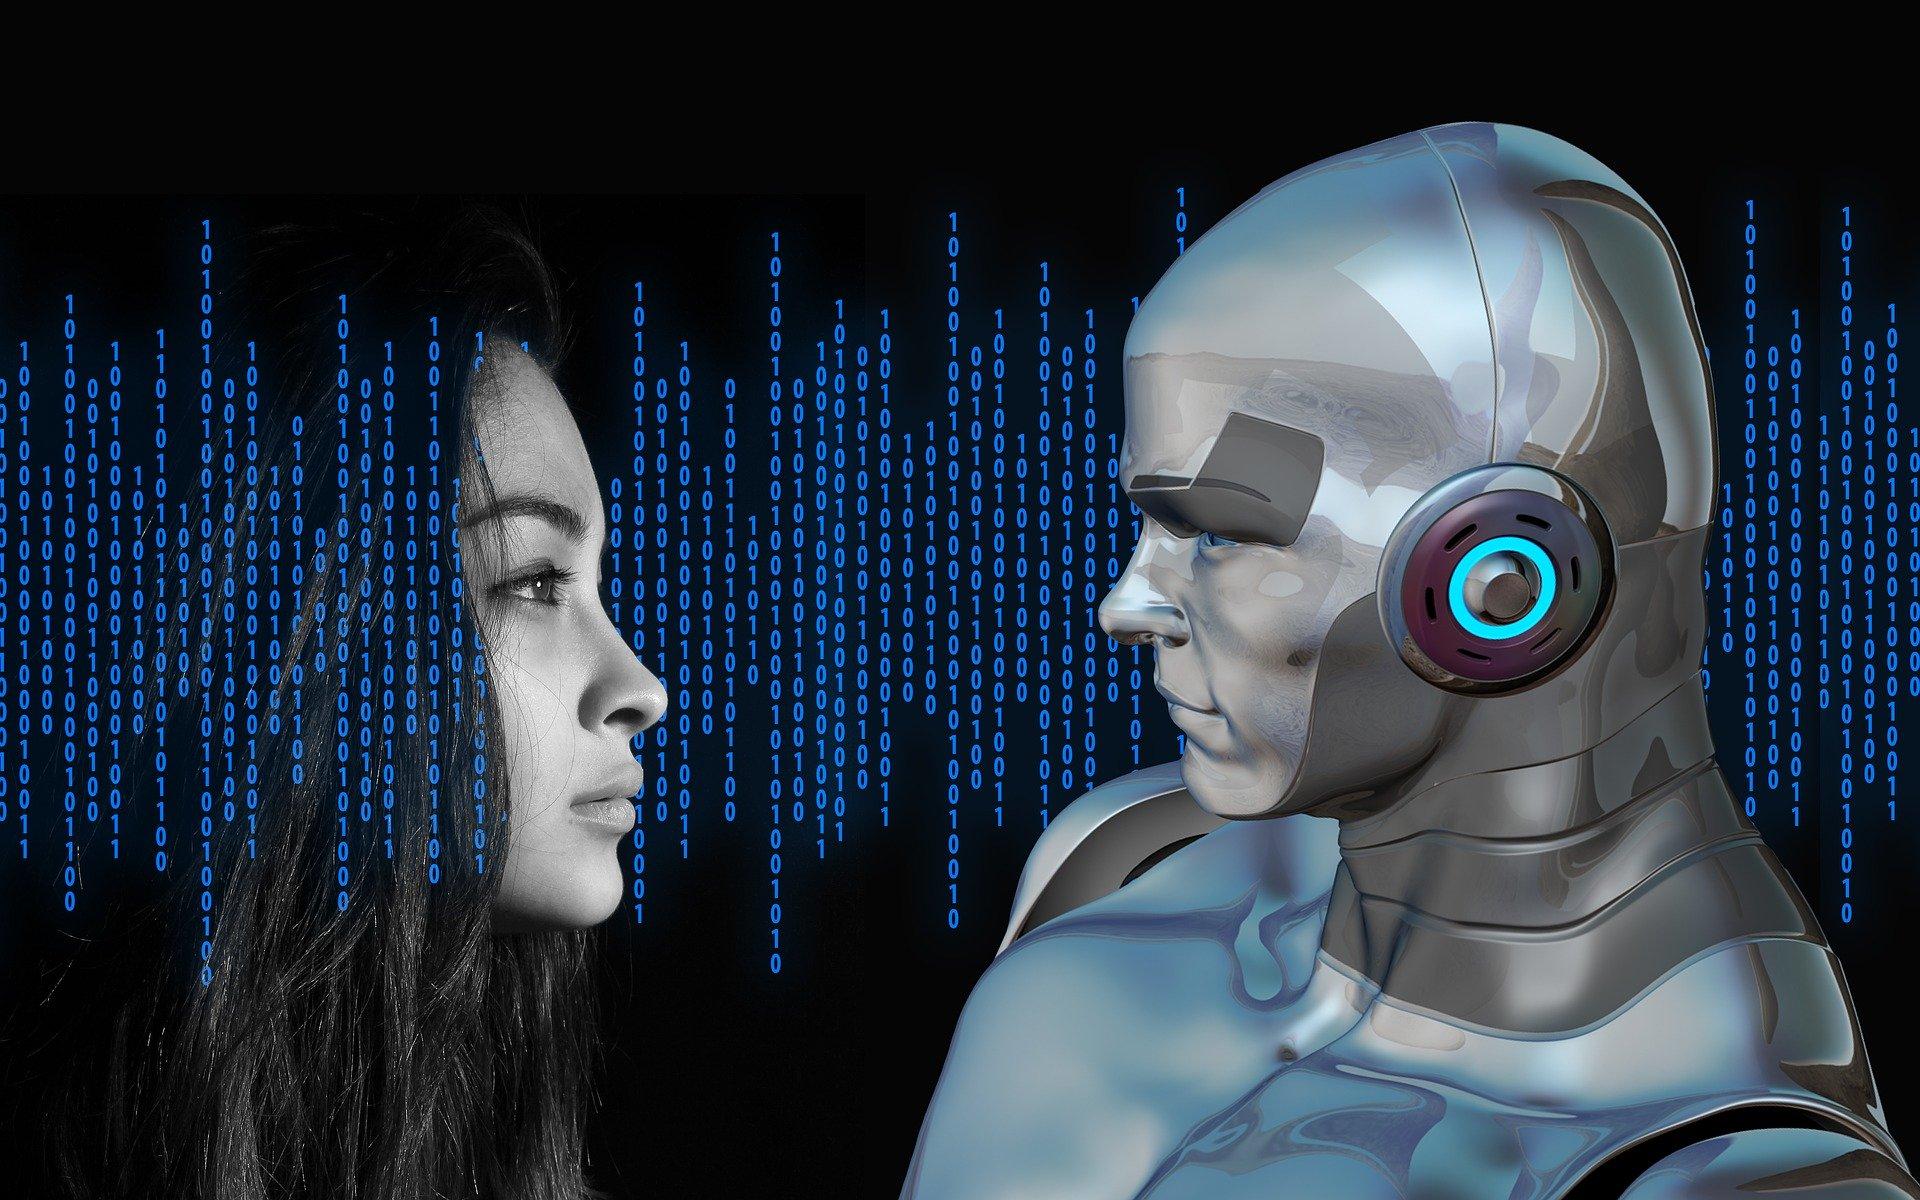 Роботизация — тренд последнего года?